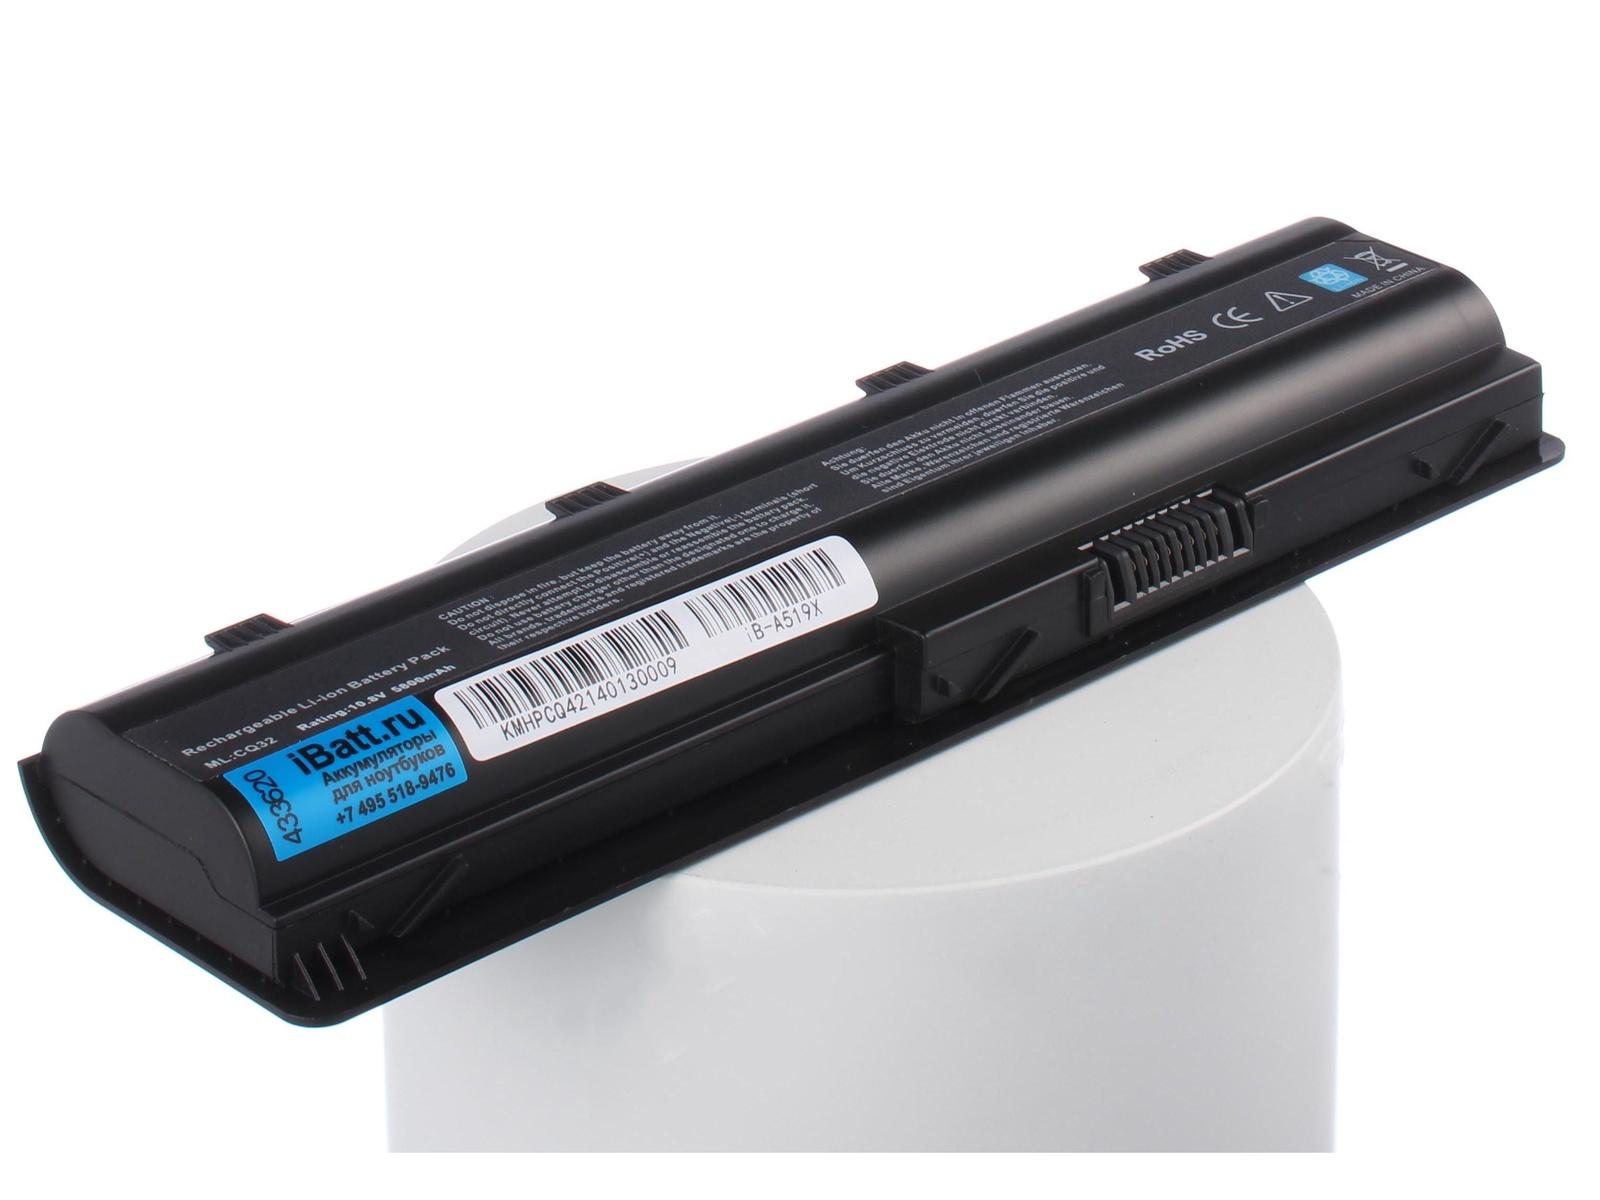 цена Аккумулятор для ноутбука iBatt для HP-Compaq Pavilion dv7-4150sr, Pavilion dv7-4295us, Pavilion DV7-4300, Pavilion dv7-6027ez, Pavilion dv7-6050er, Pavilion dv7-6101eg, Pavilion dv7-6123cl, Pavilion dv7-6163cl